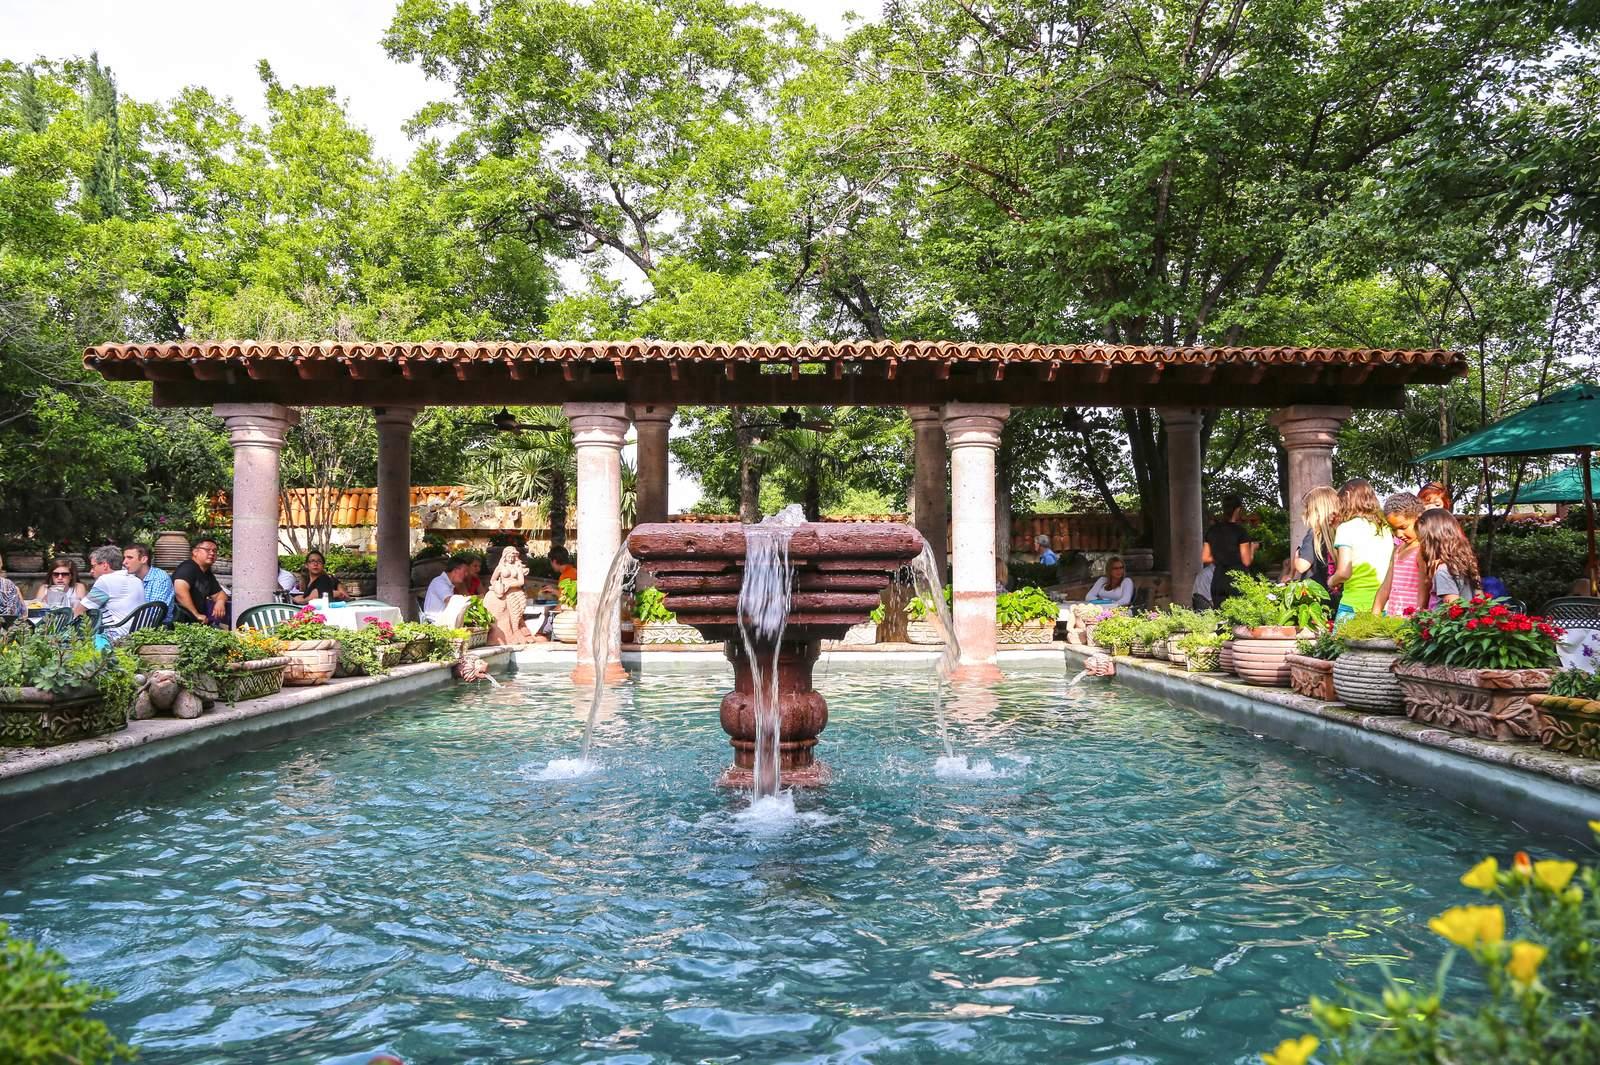 Der Garten des Joe T. Garcia's Mexican Restaurant in Fort Worth